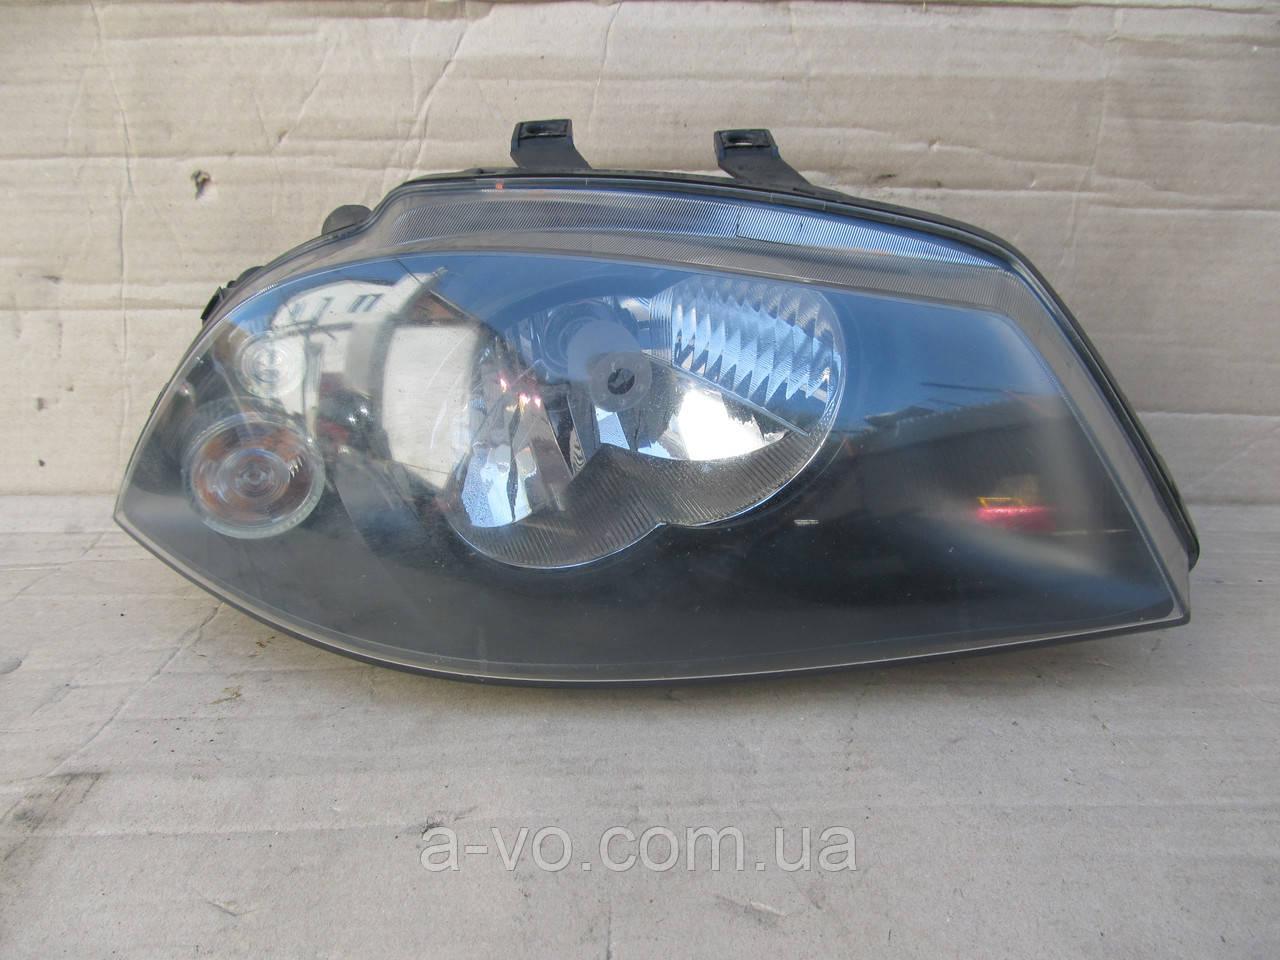 Фара правая для Seat Cordoba 6L Ibiza 3, Valeo 6L1941752M, 89318585